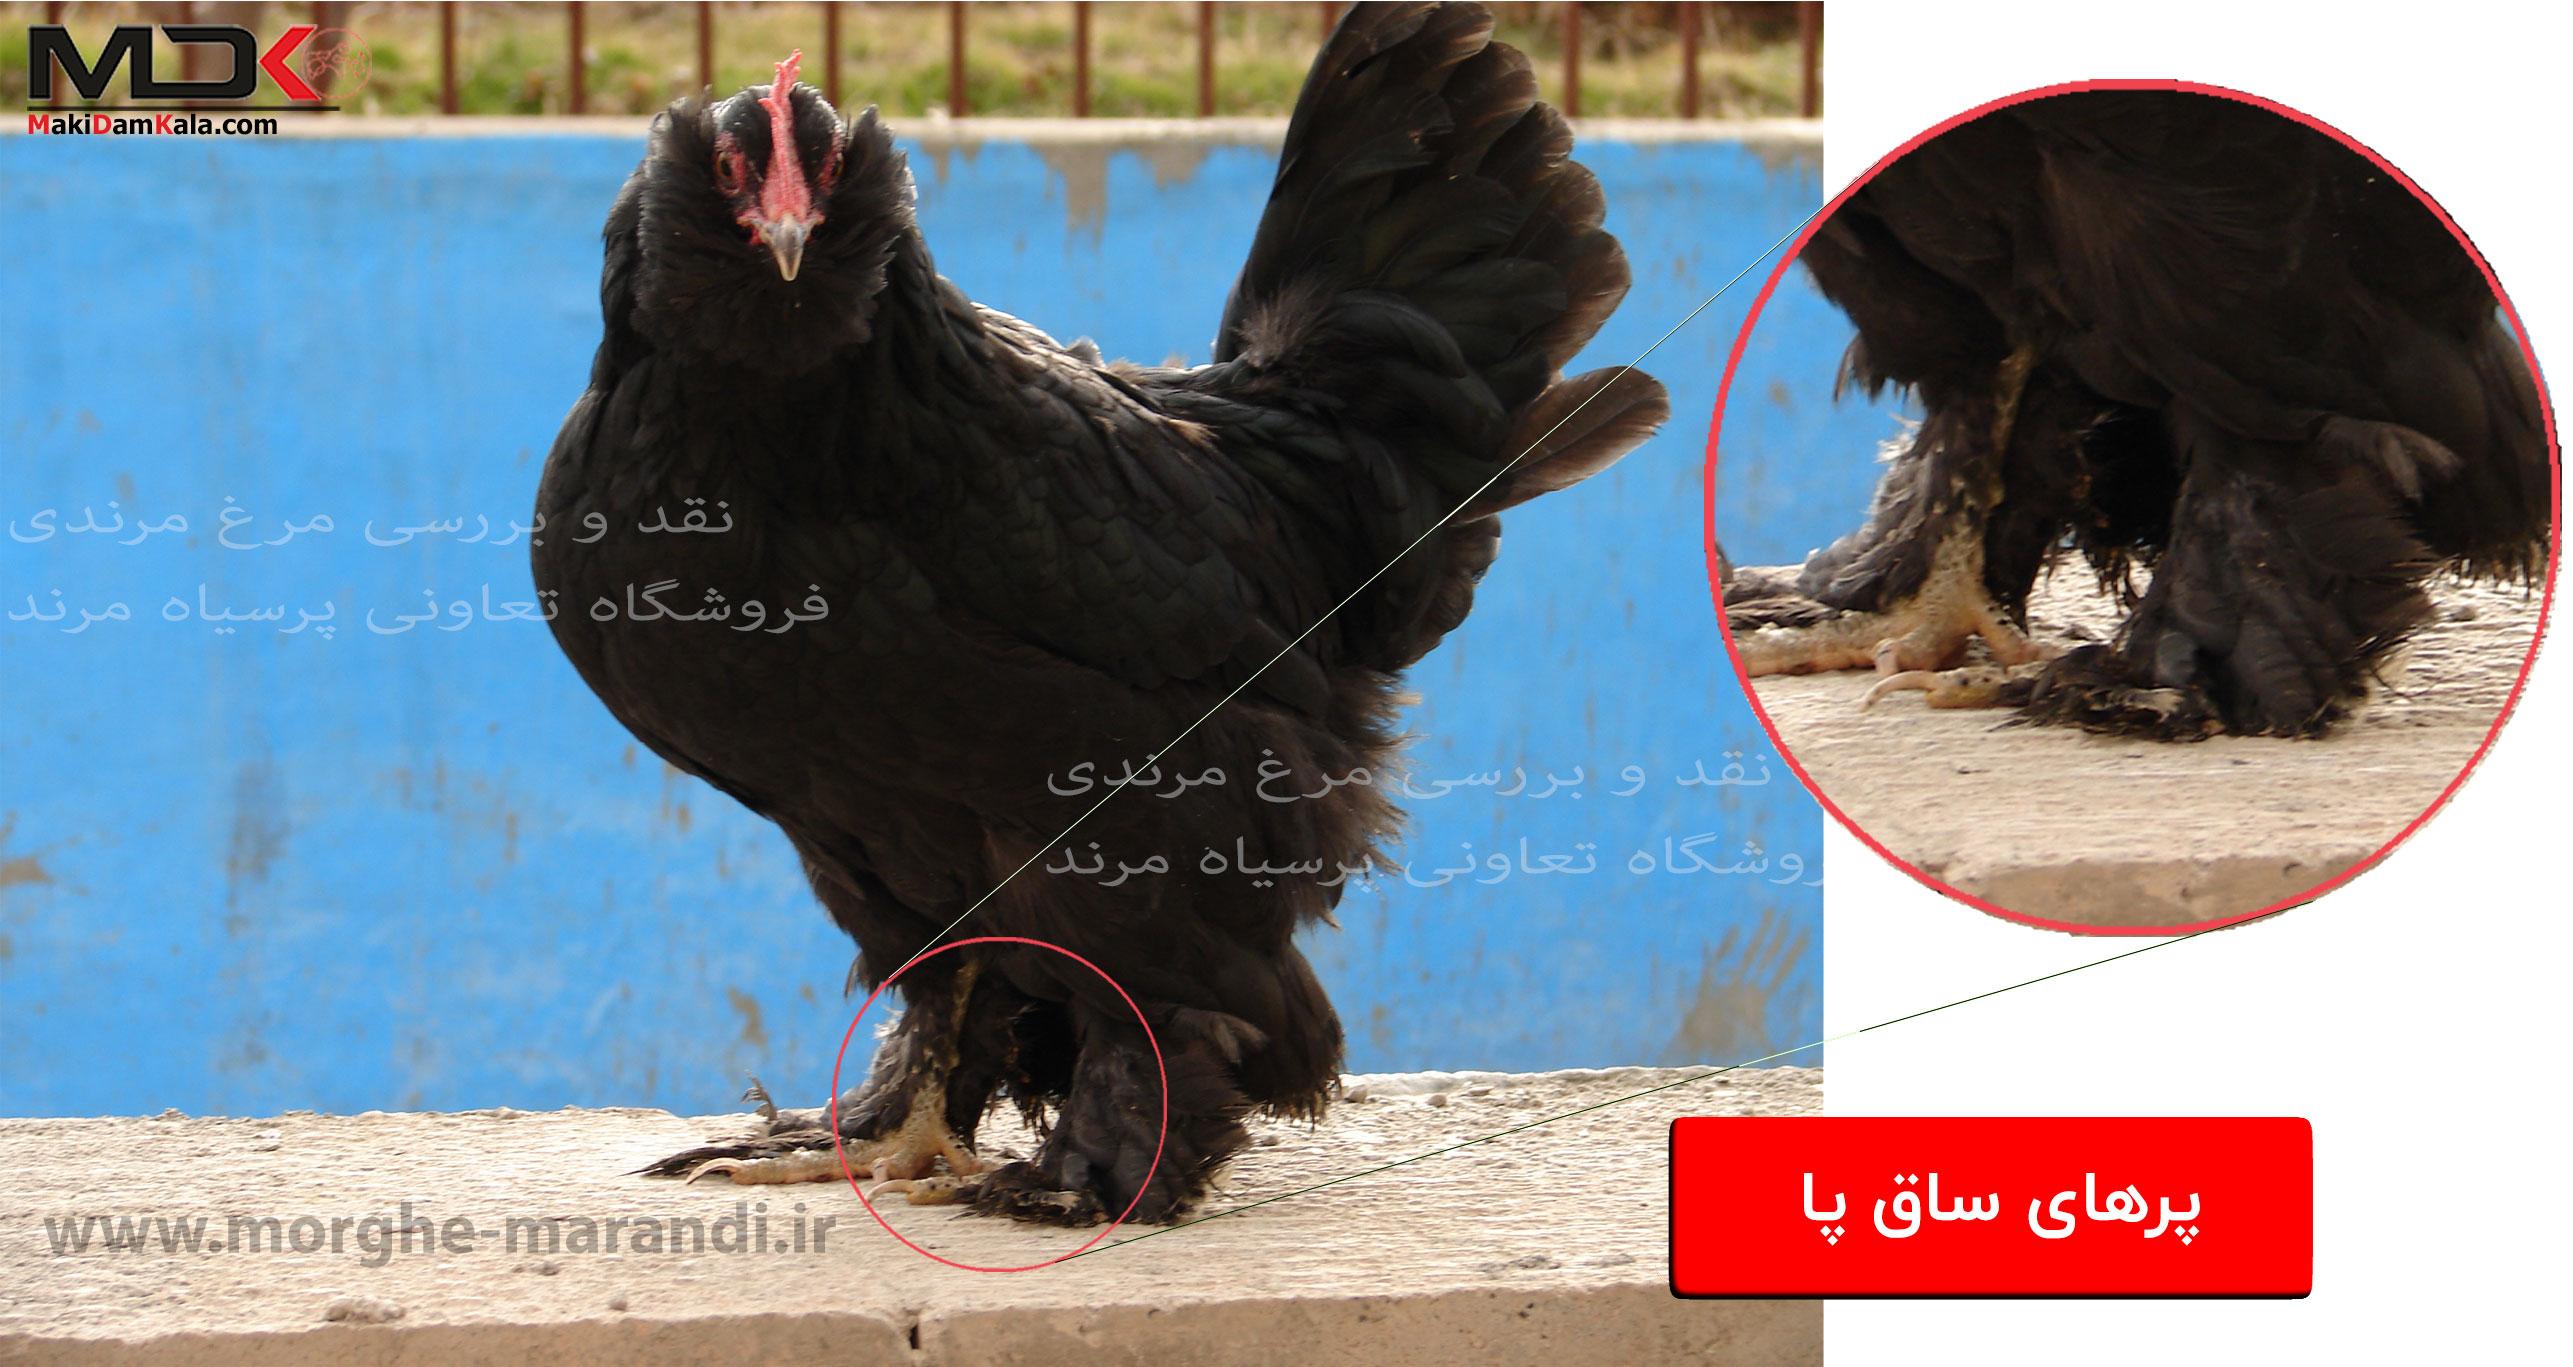 نقد و بررسی مرغ مرندی پرهای ساق پا